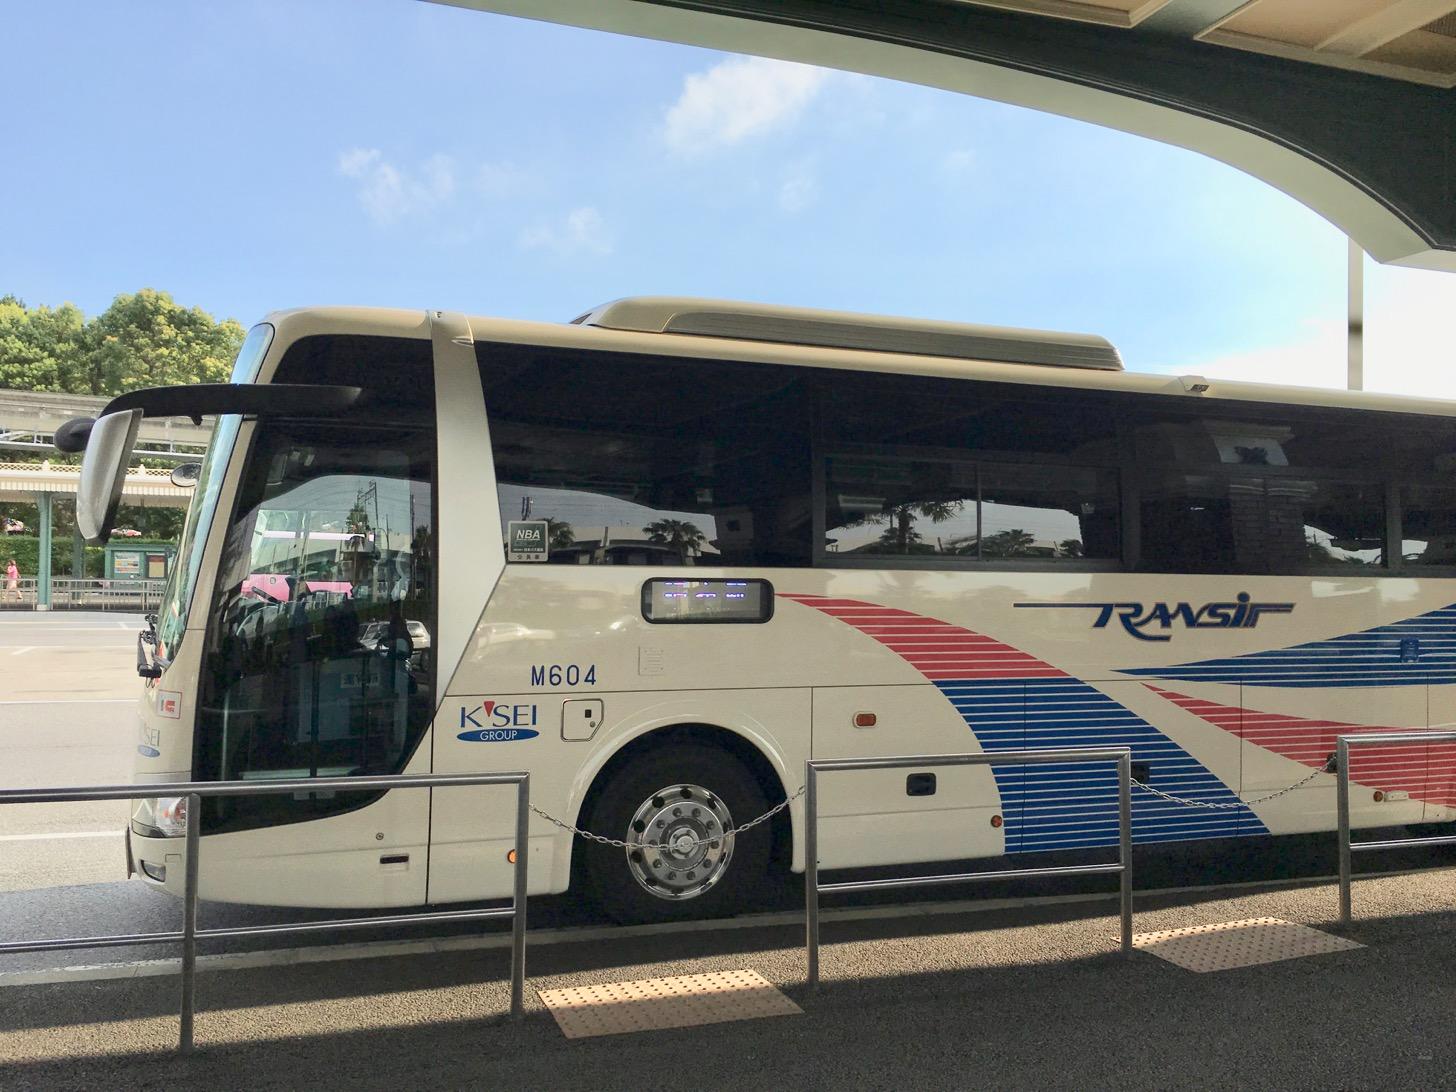 調布駅からディズニーランド・シー行きの高速バス